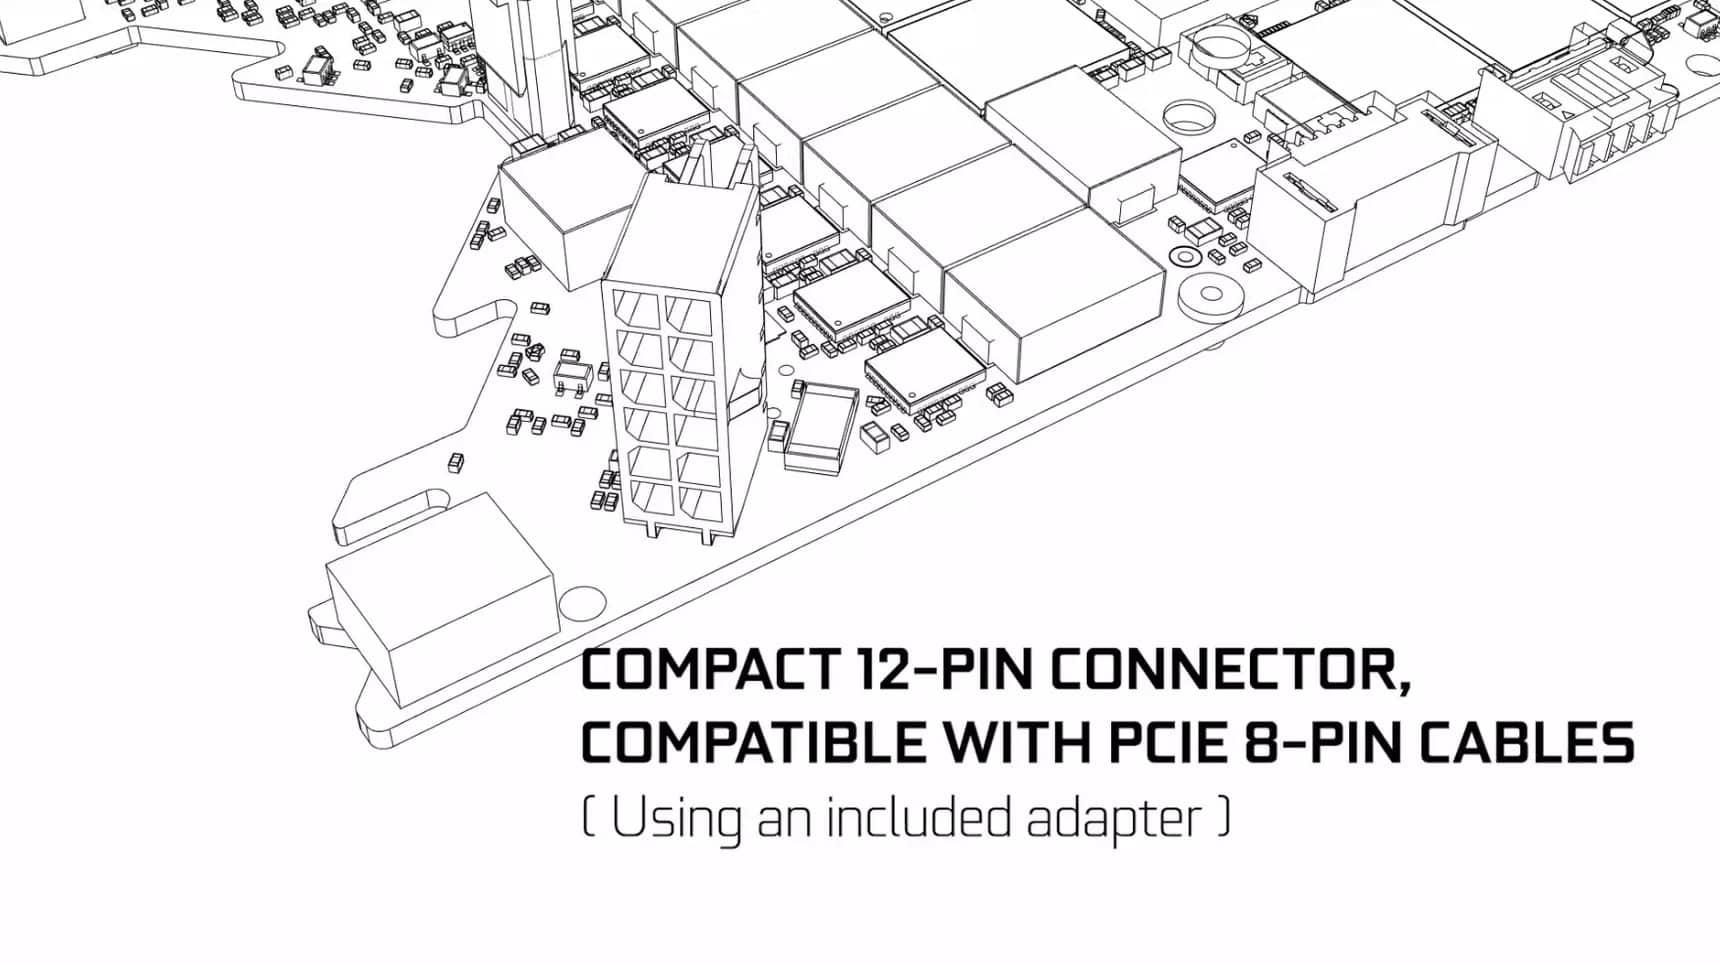 Nvidia RTX 3090 tasarımı, bağlantı yapısı doğrulandı [Video]